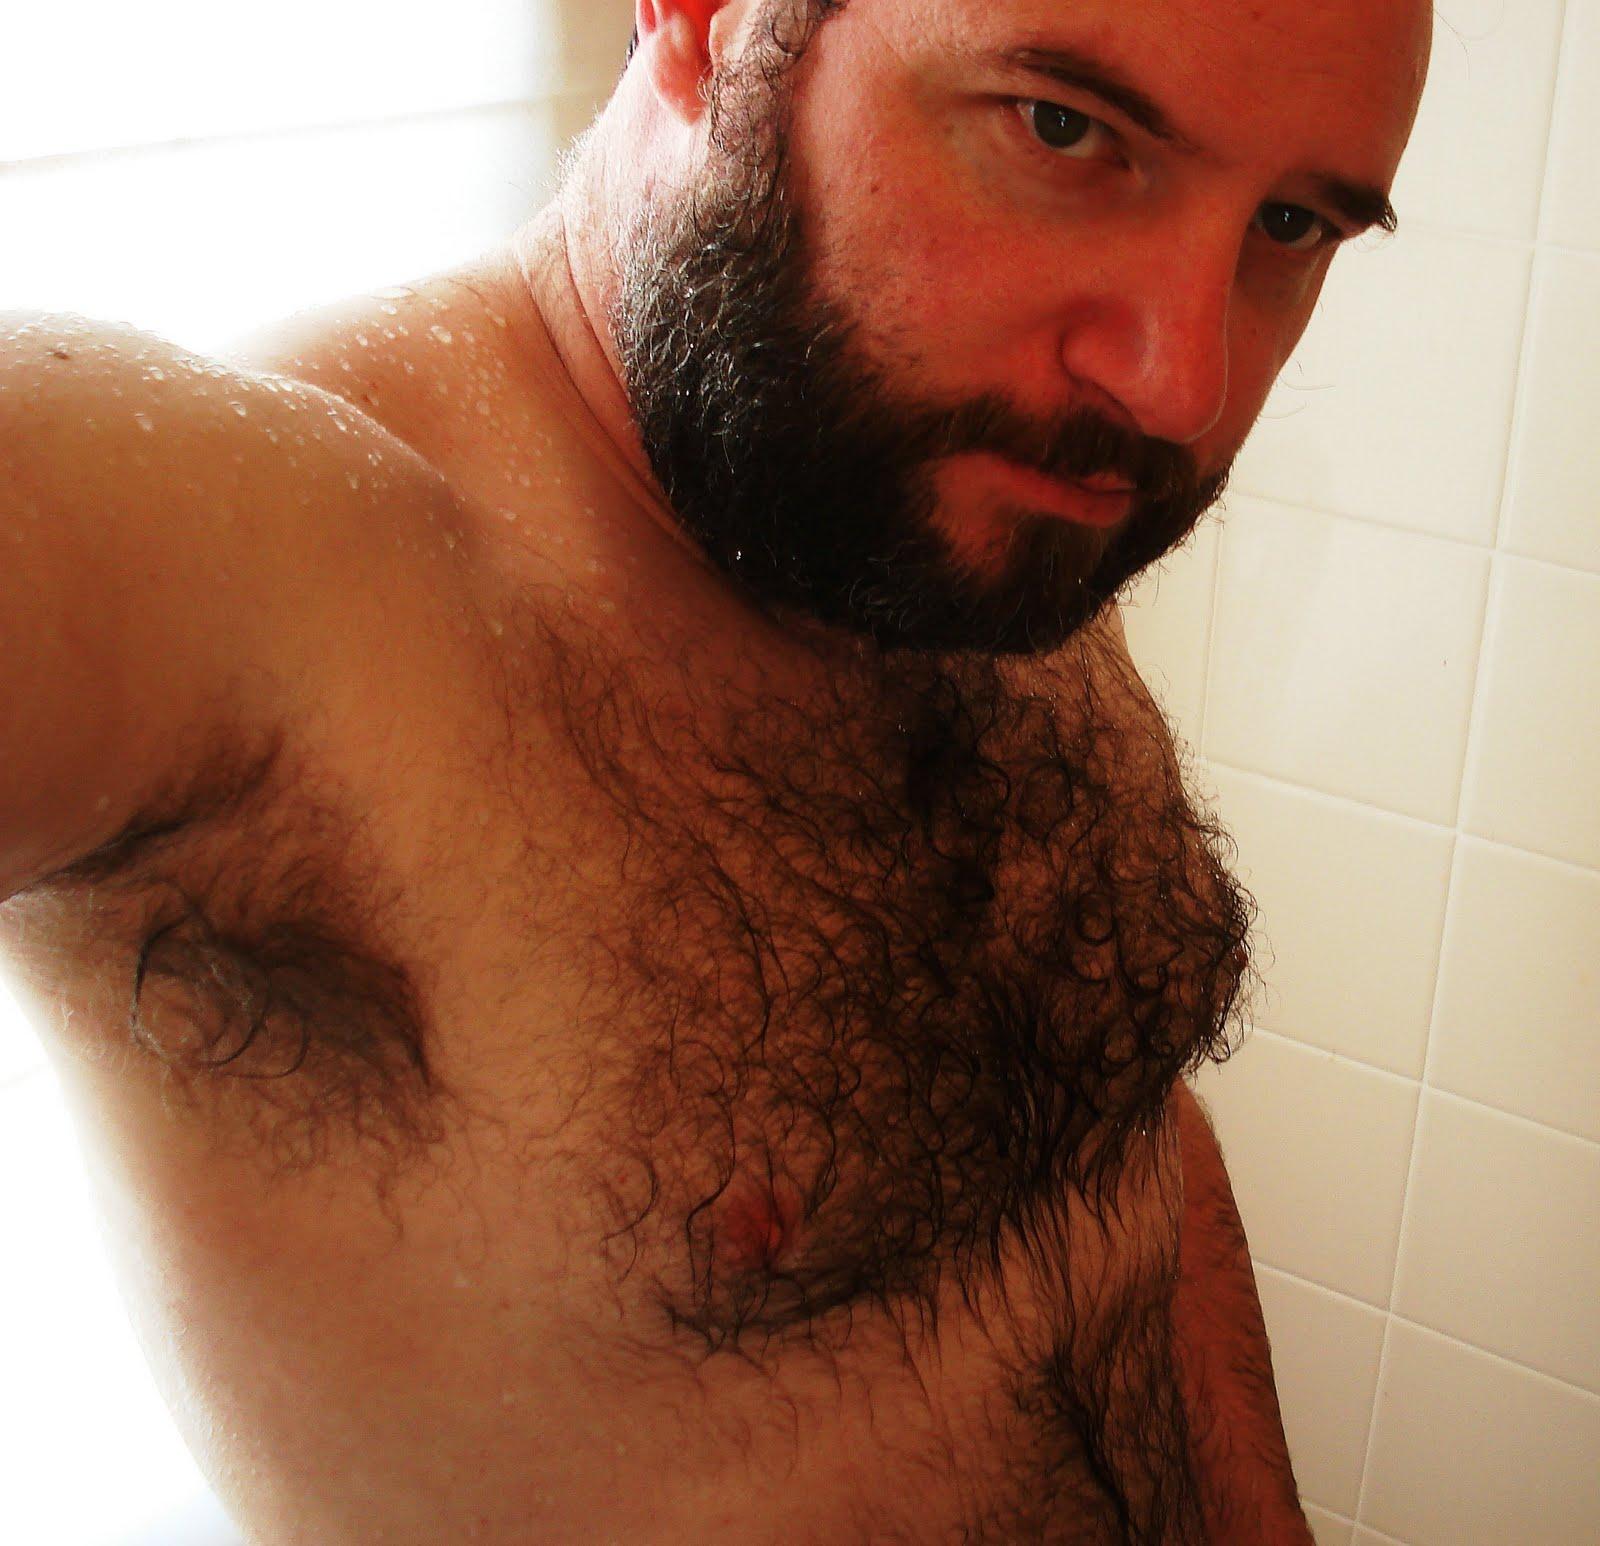 Justin timberlake nude penis